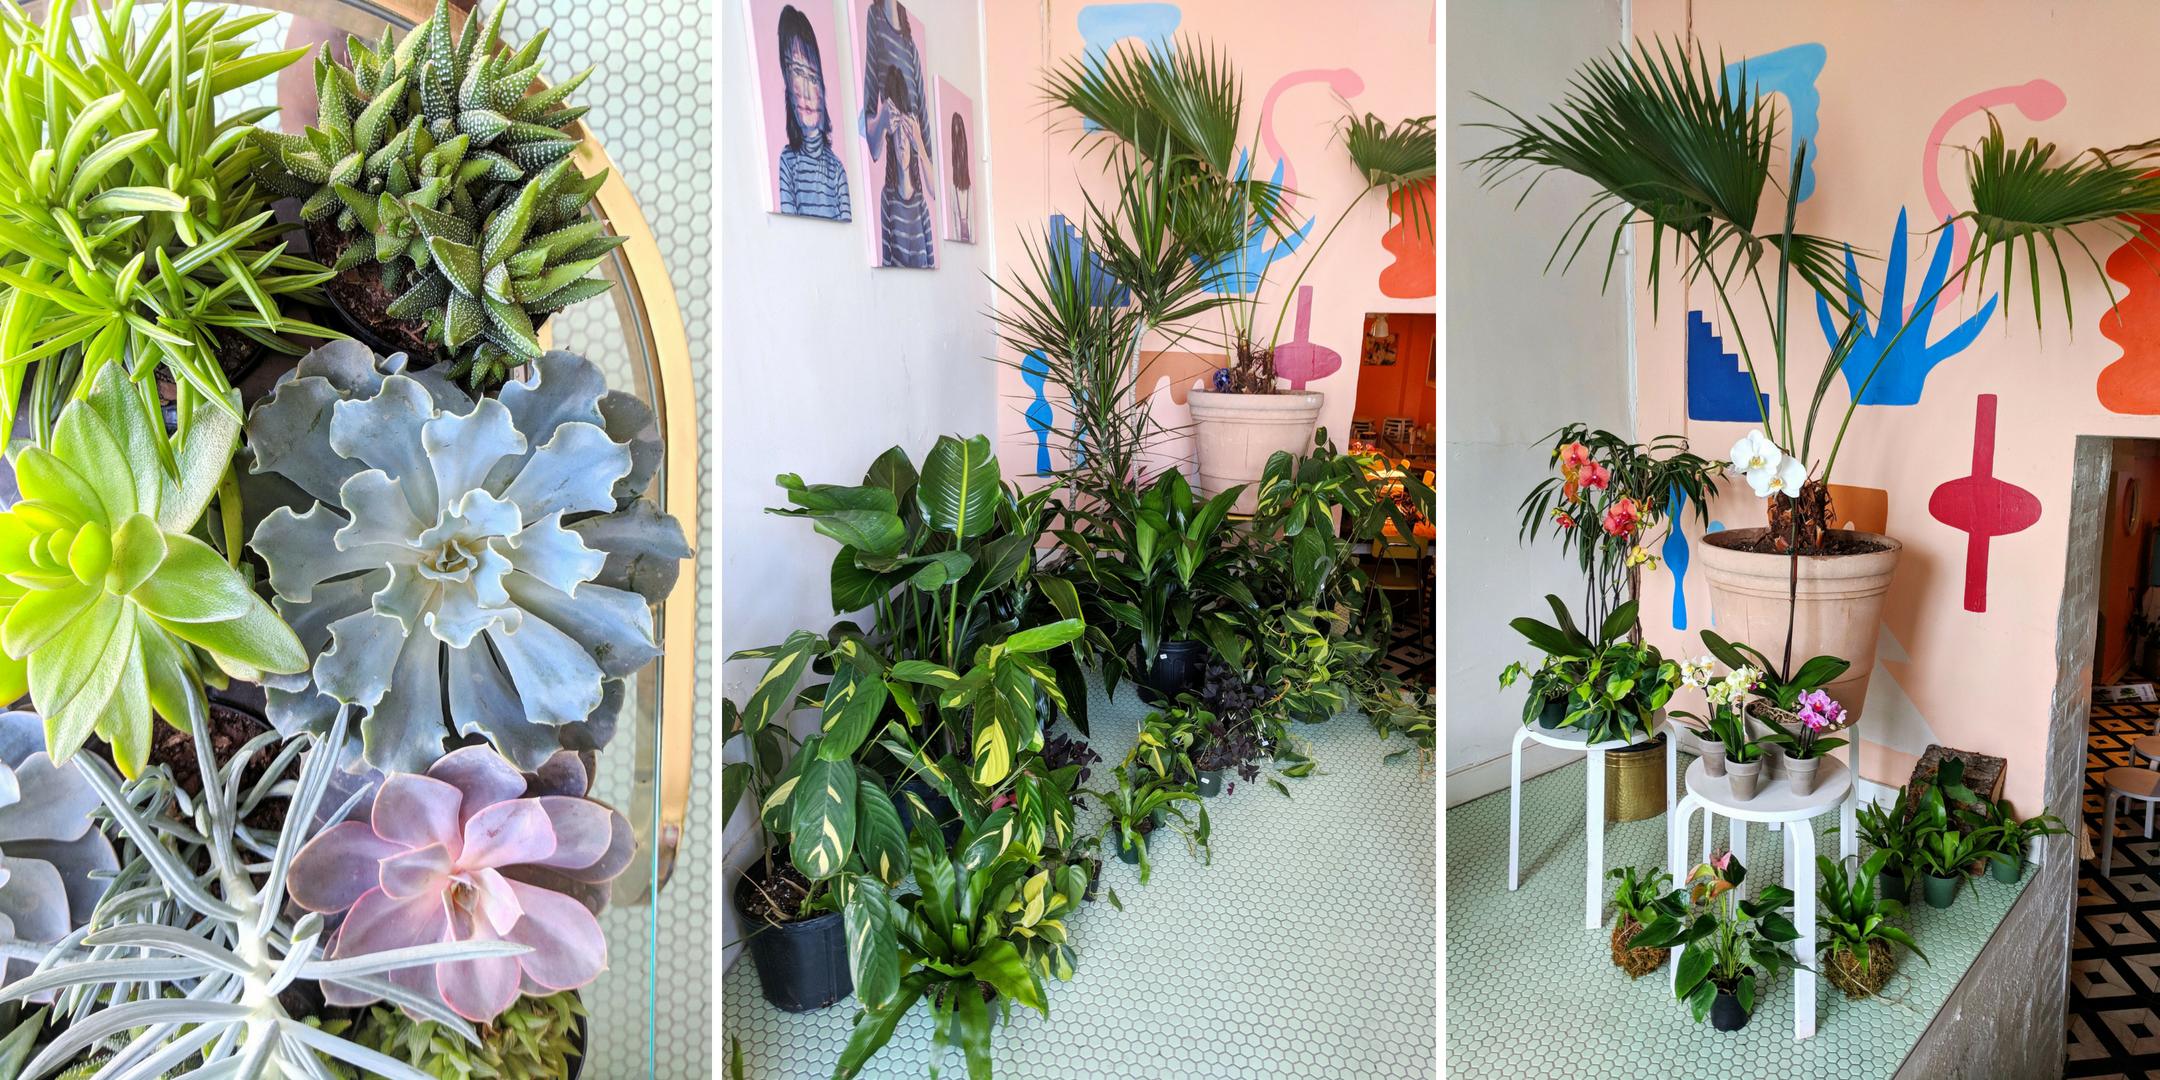 Plantswap Eventbrite - Rock Paper Plant.png